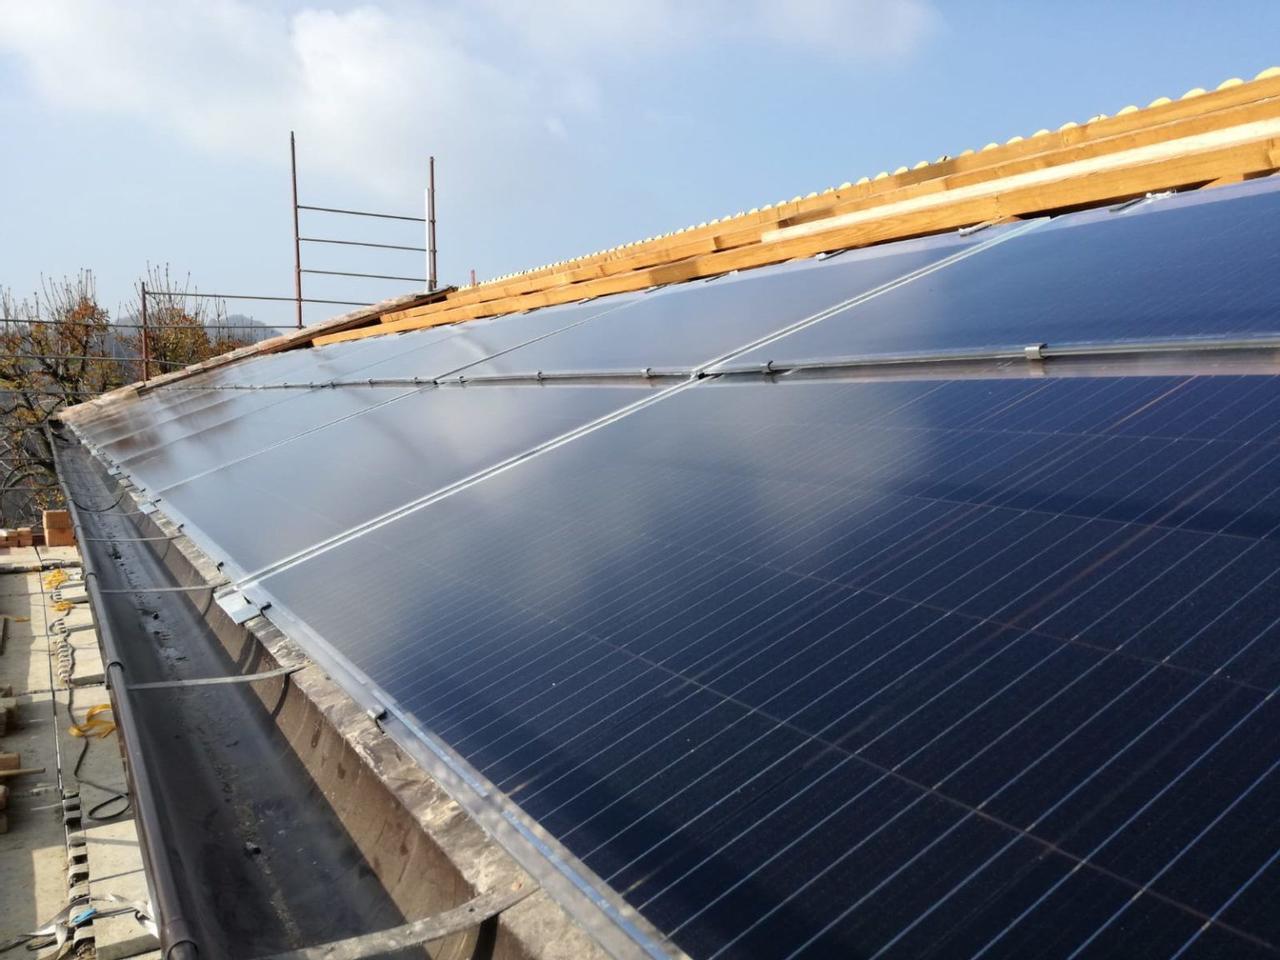 Стартап EnergyGlass разработал солнечную плитку с двойным безопасным стеклом, ее можно использовать для замены обычных крыш